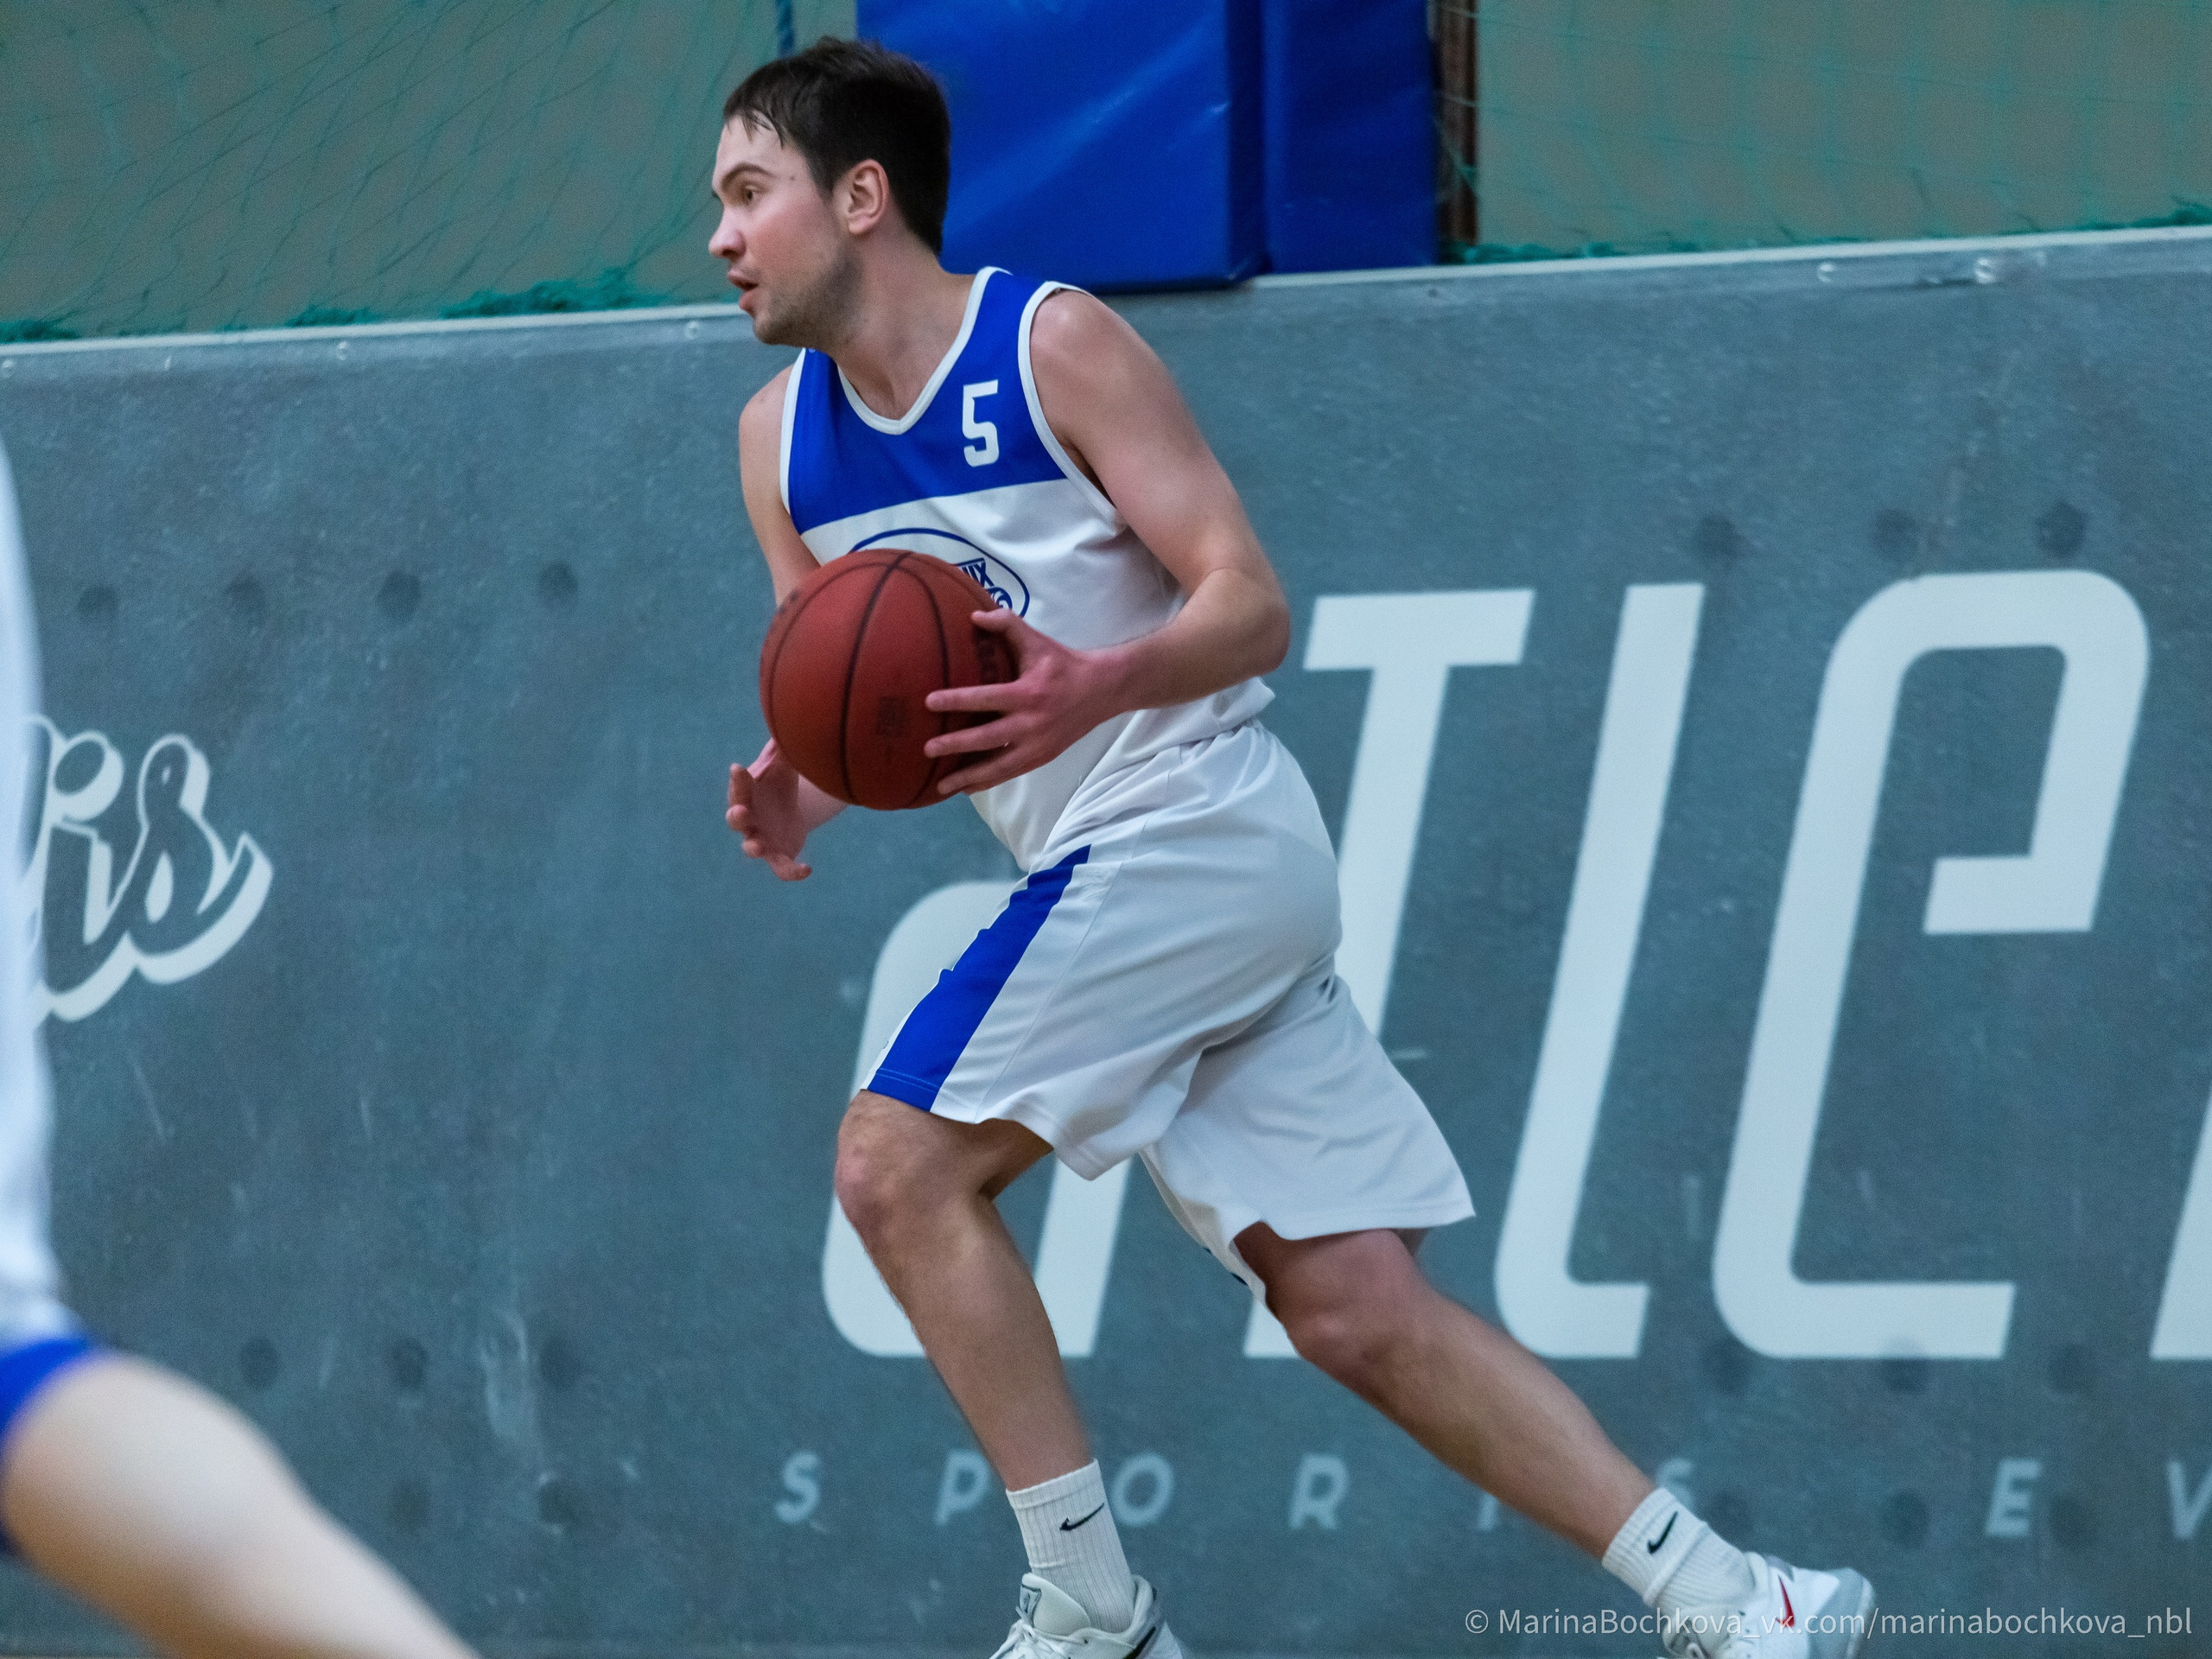 Андрей Штарёв, самый полезный игрок сезона 2020-2021